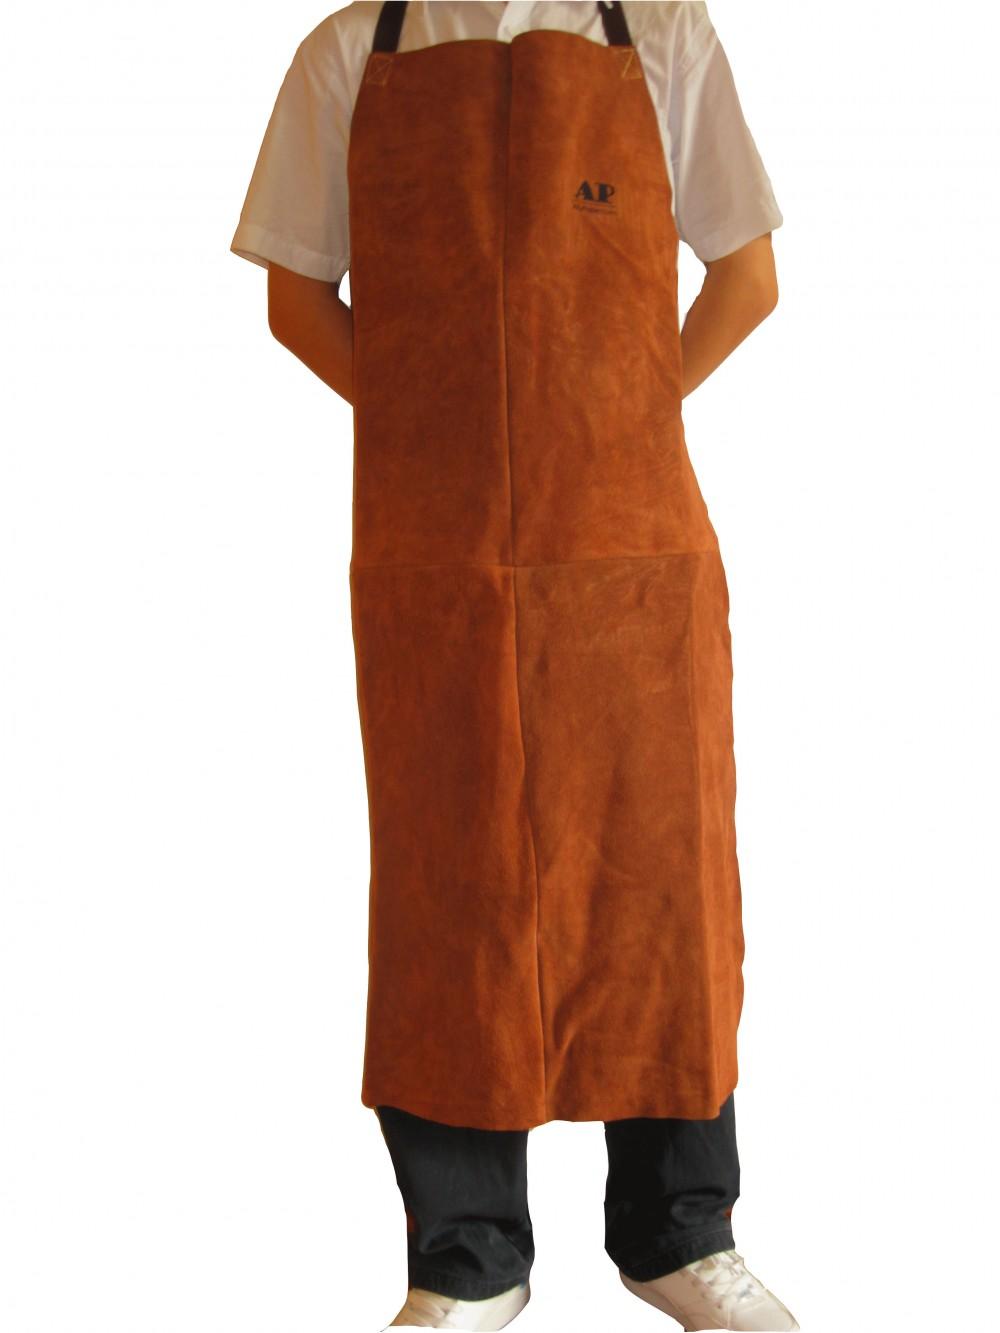 AP-6300友盟咖啡色全皮护胸围裙